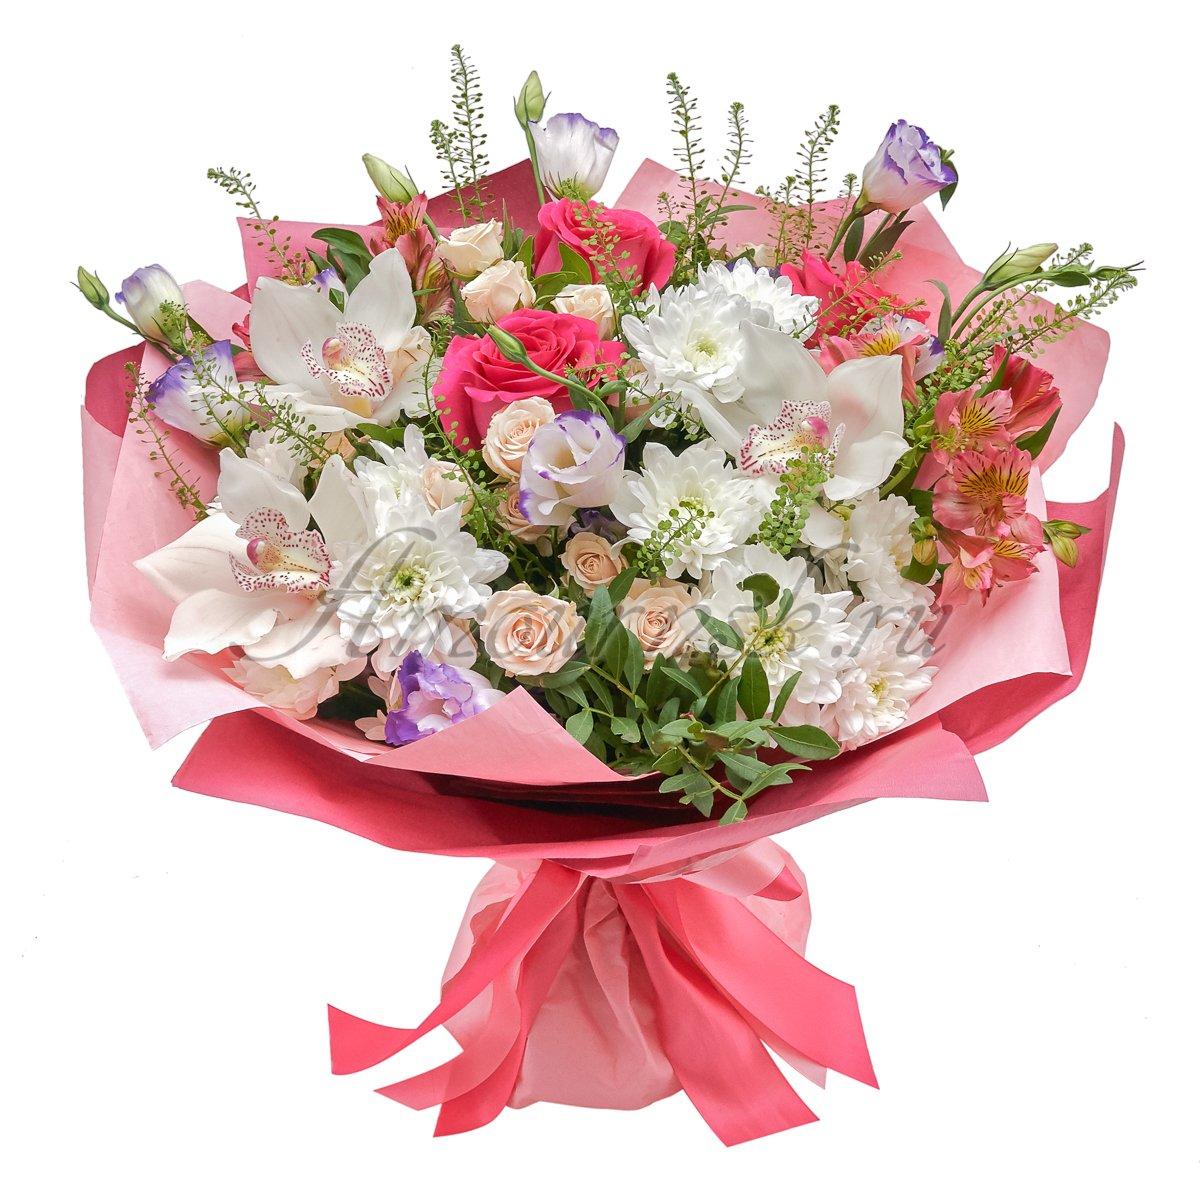 Заказ и доставка цветов по амурской области подарок любимому мужчине любовнику